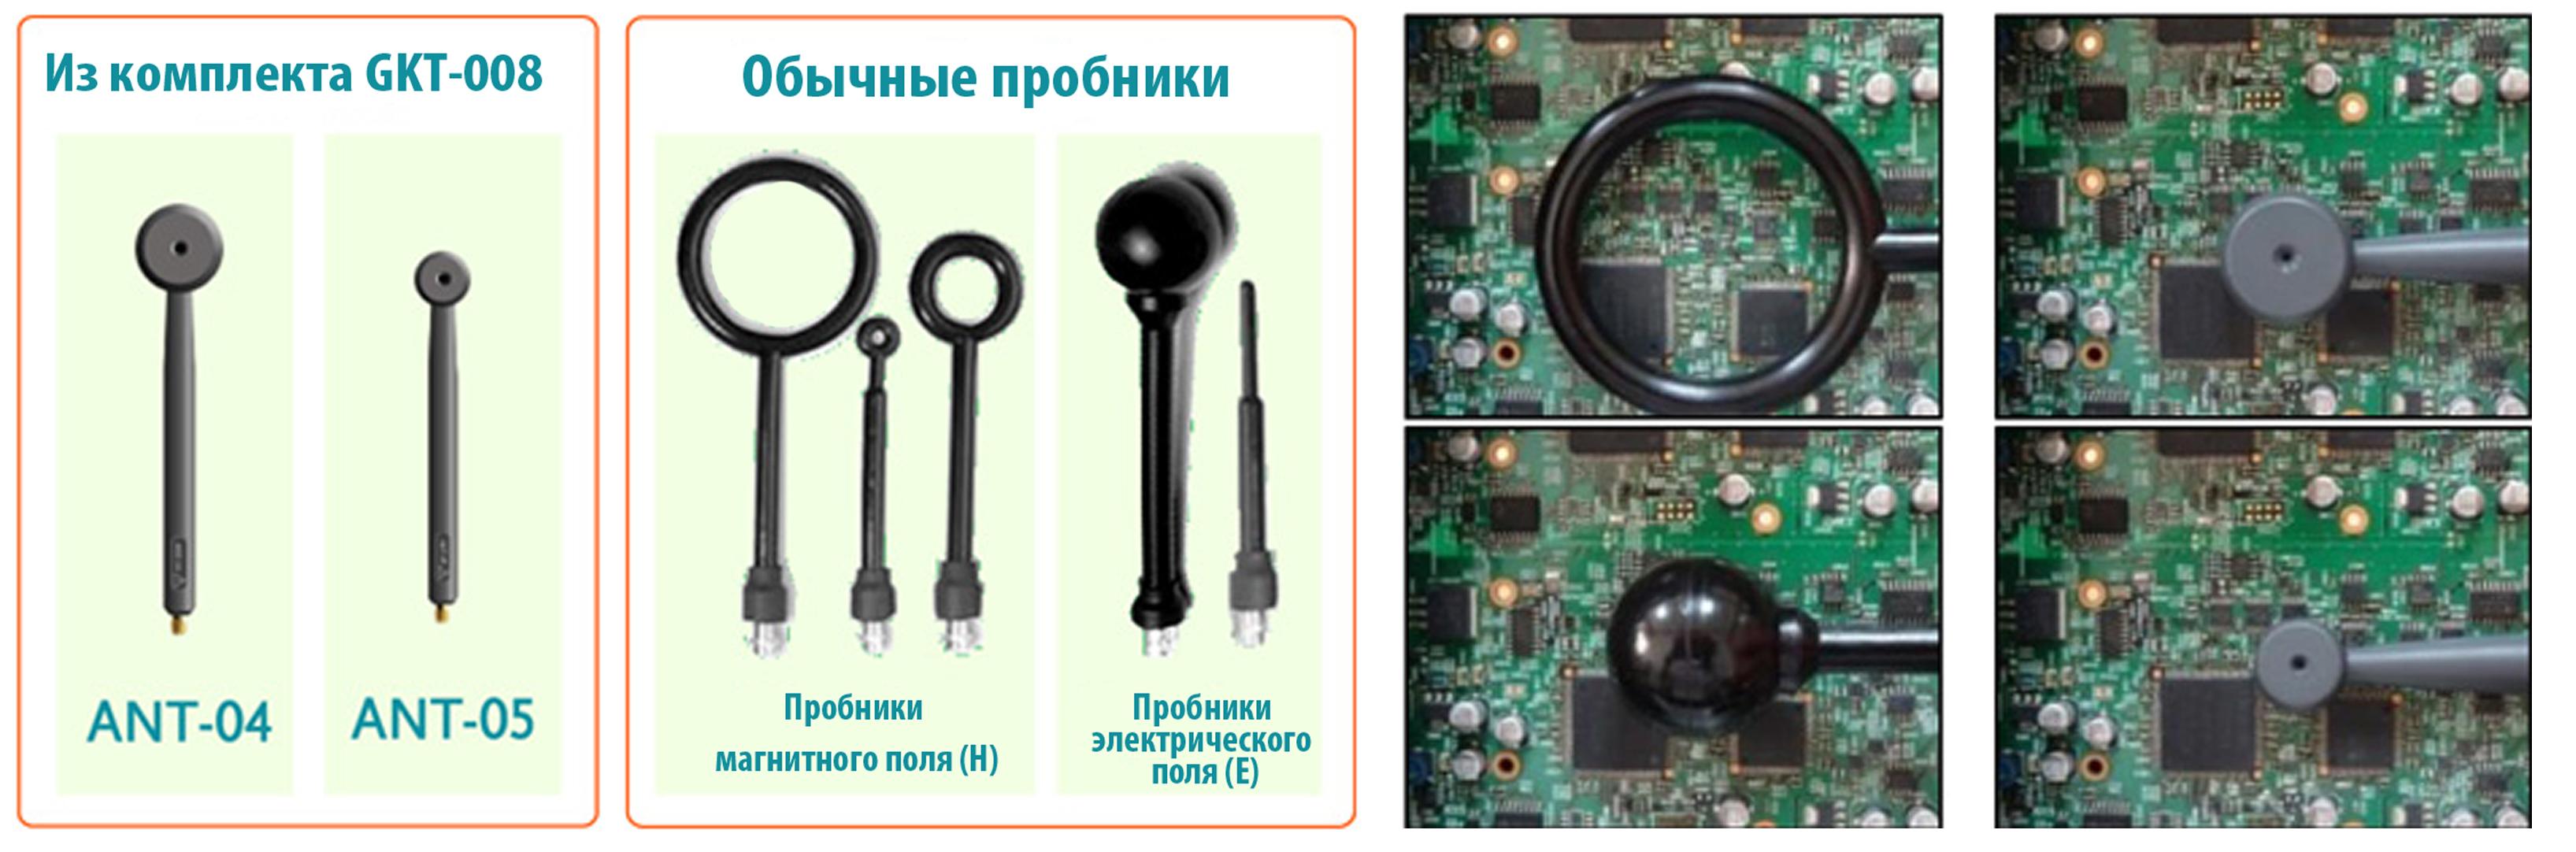 Внешний вид пробников ANT04 и ANT-05 из комплекта GKT-008 от компании GW Instek и сравнение с обычными предложениями на рынке